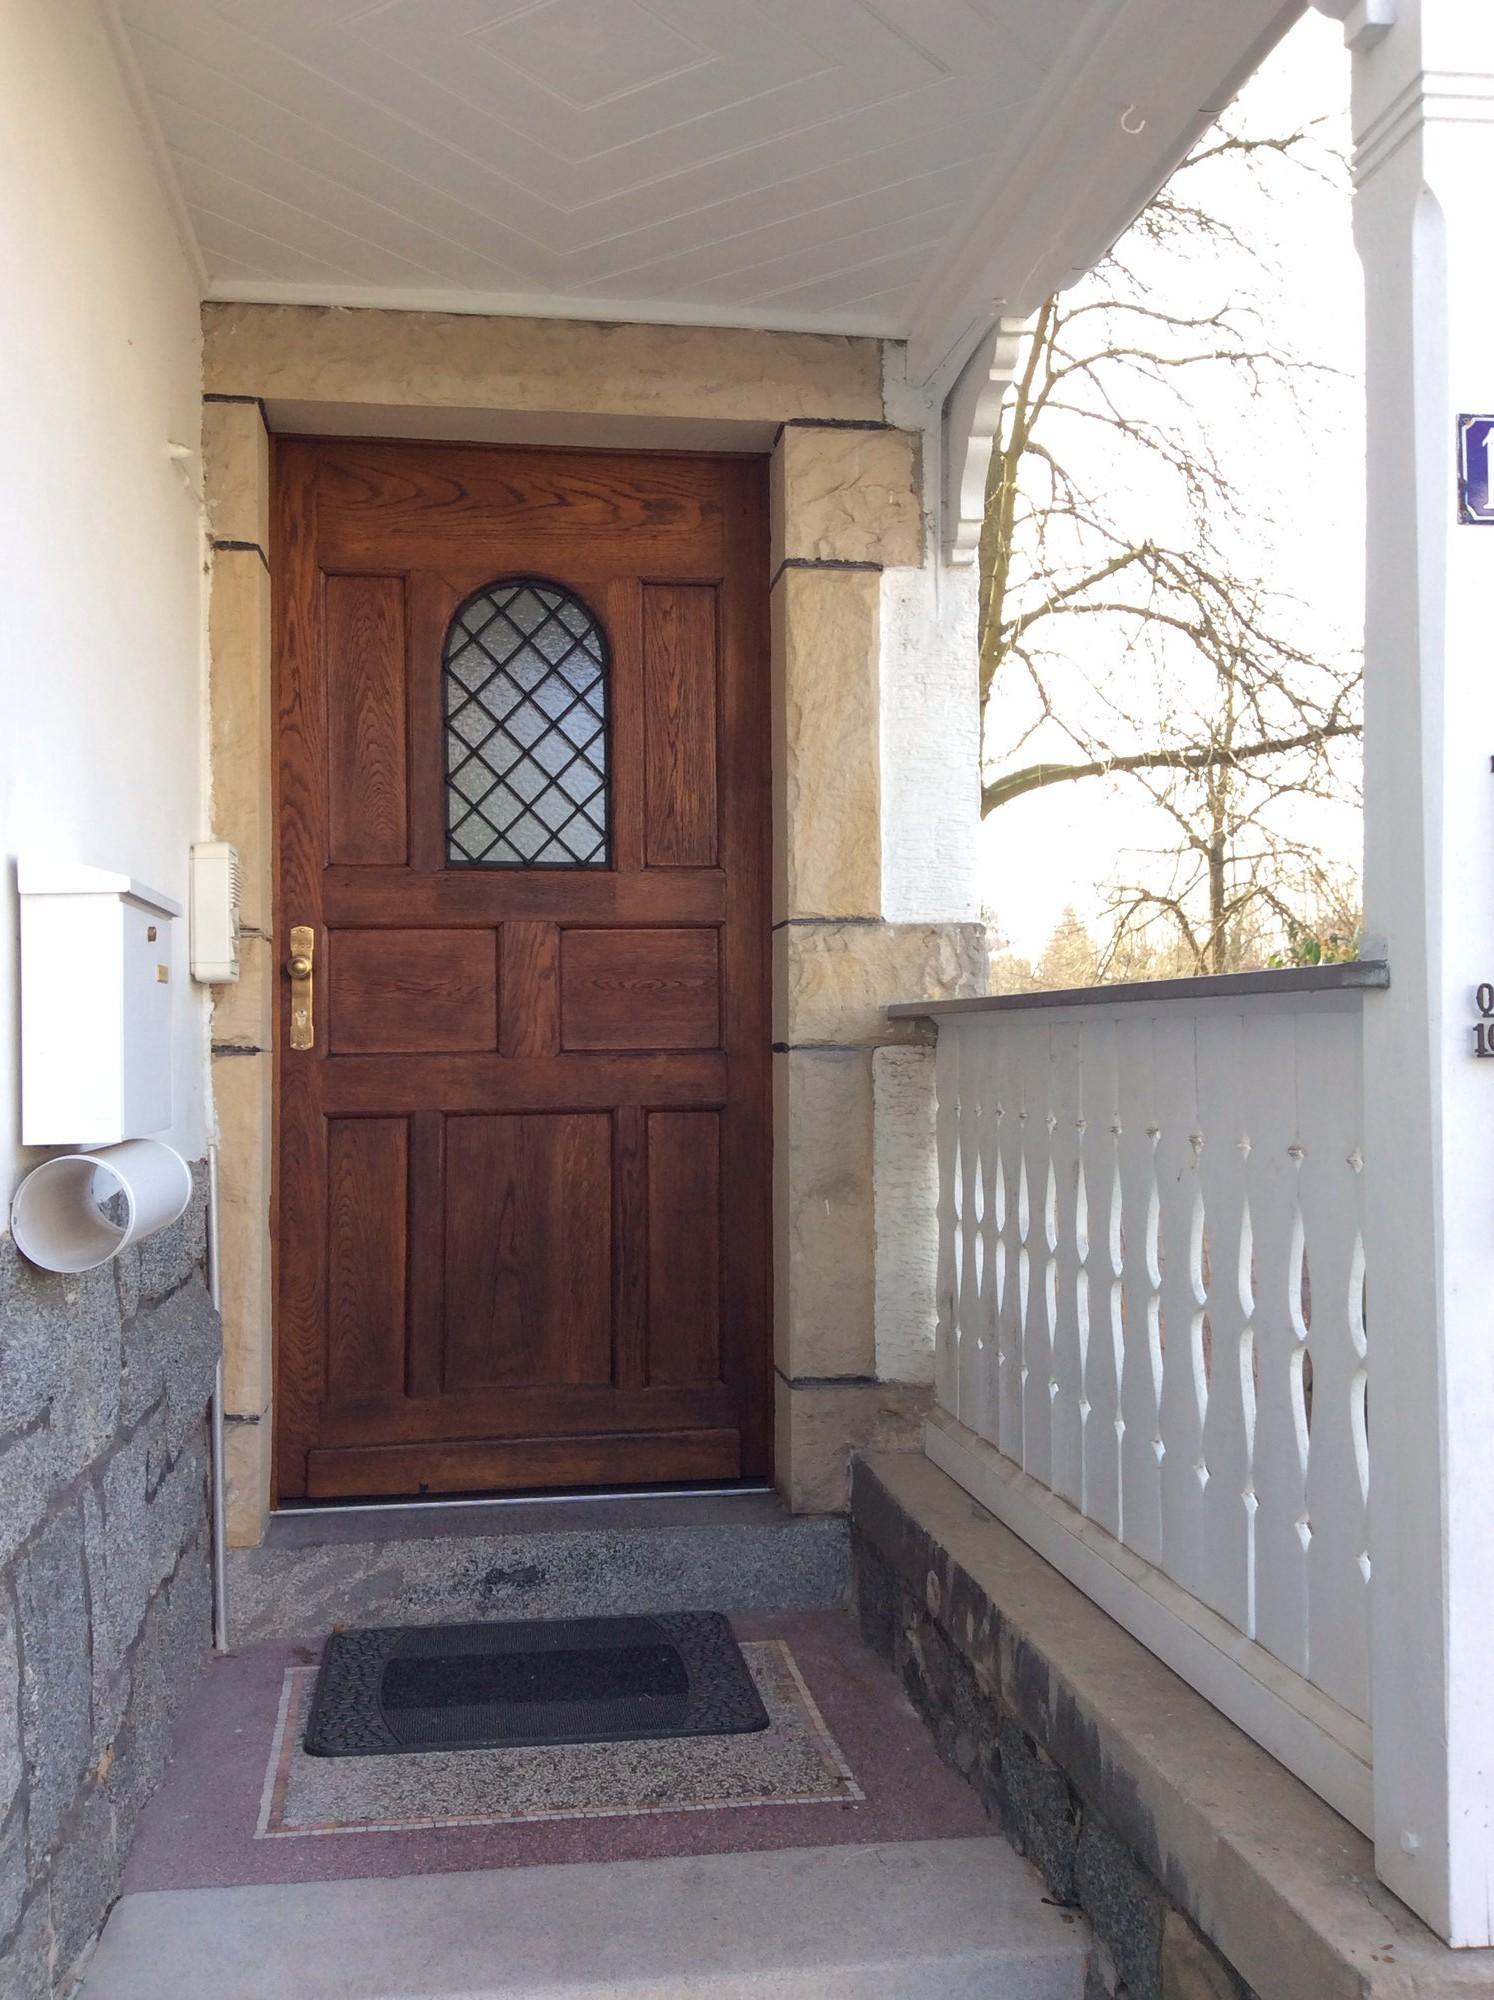 Historische Holzhaustür in Bensheim